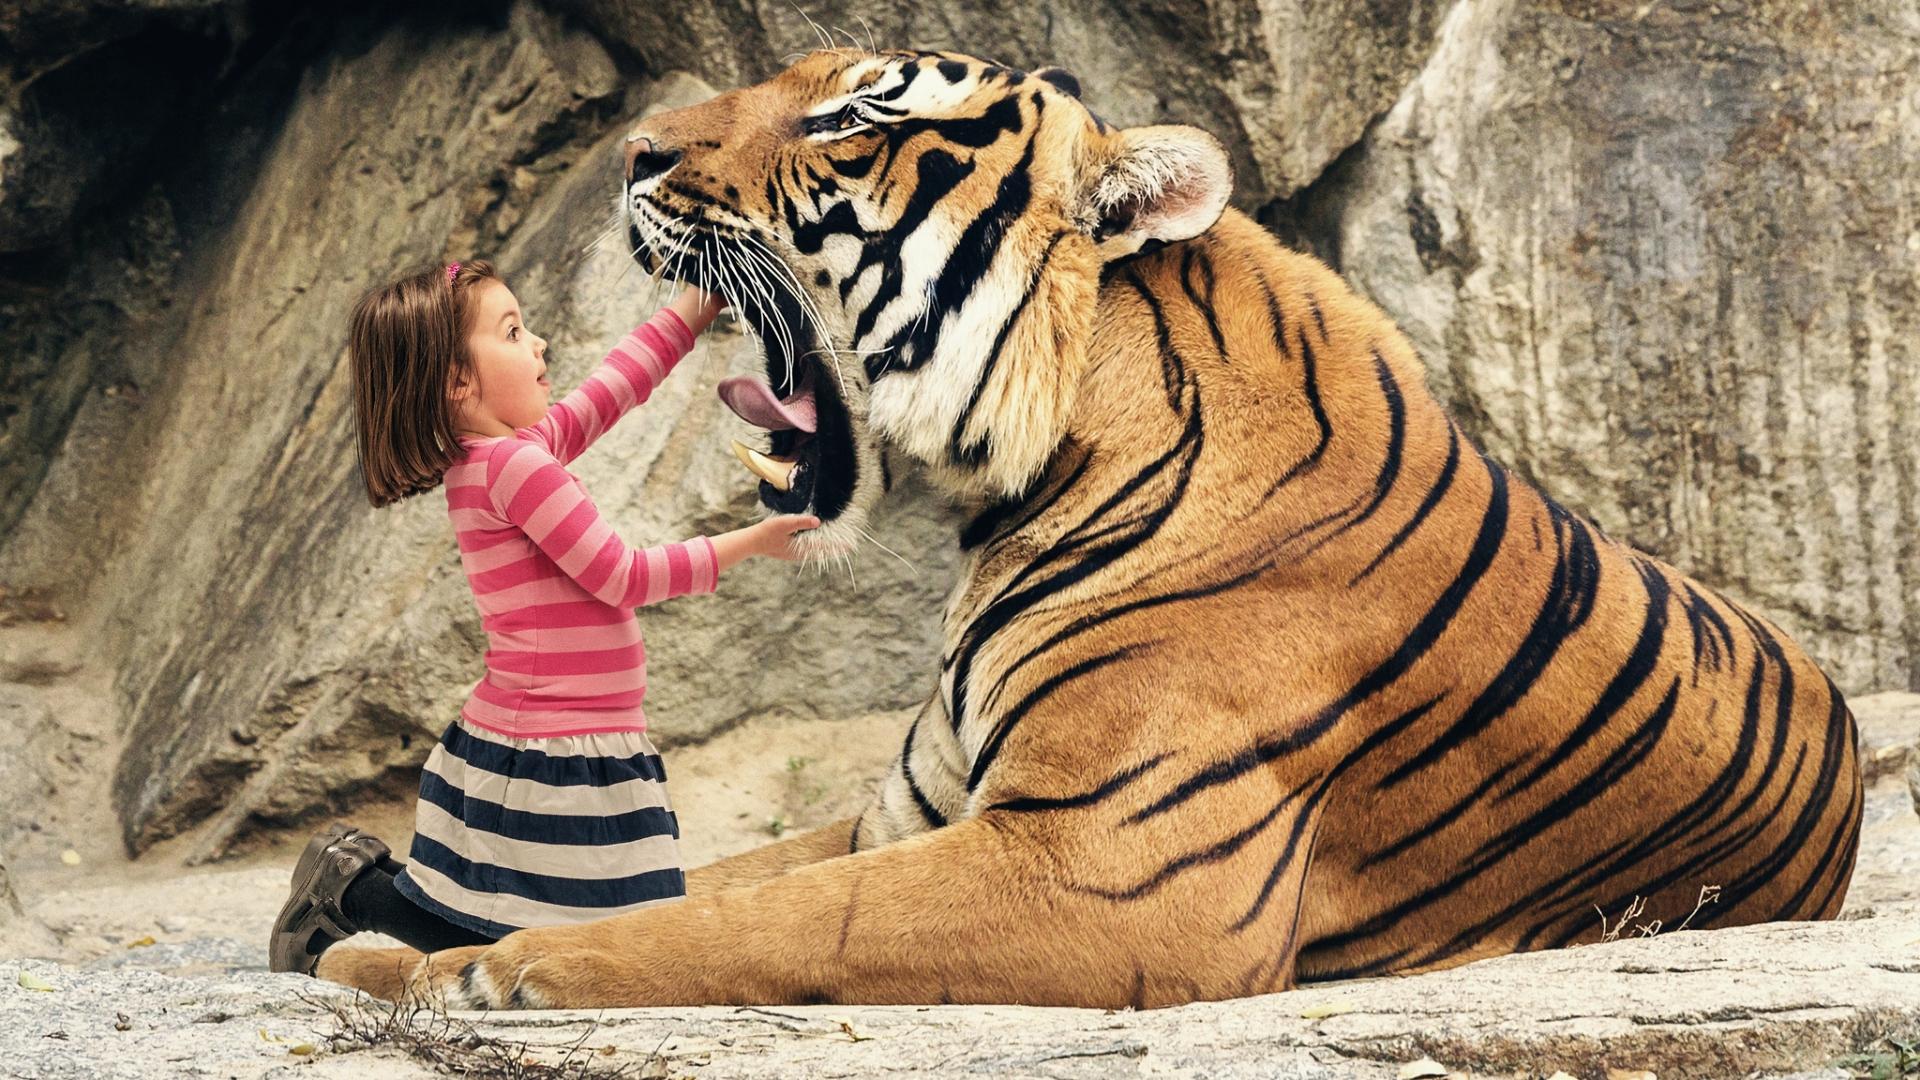 Tigre con boca abierta - 1920x1080